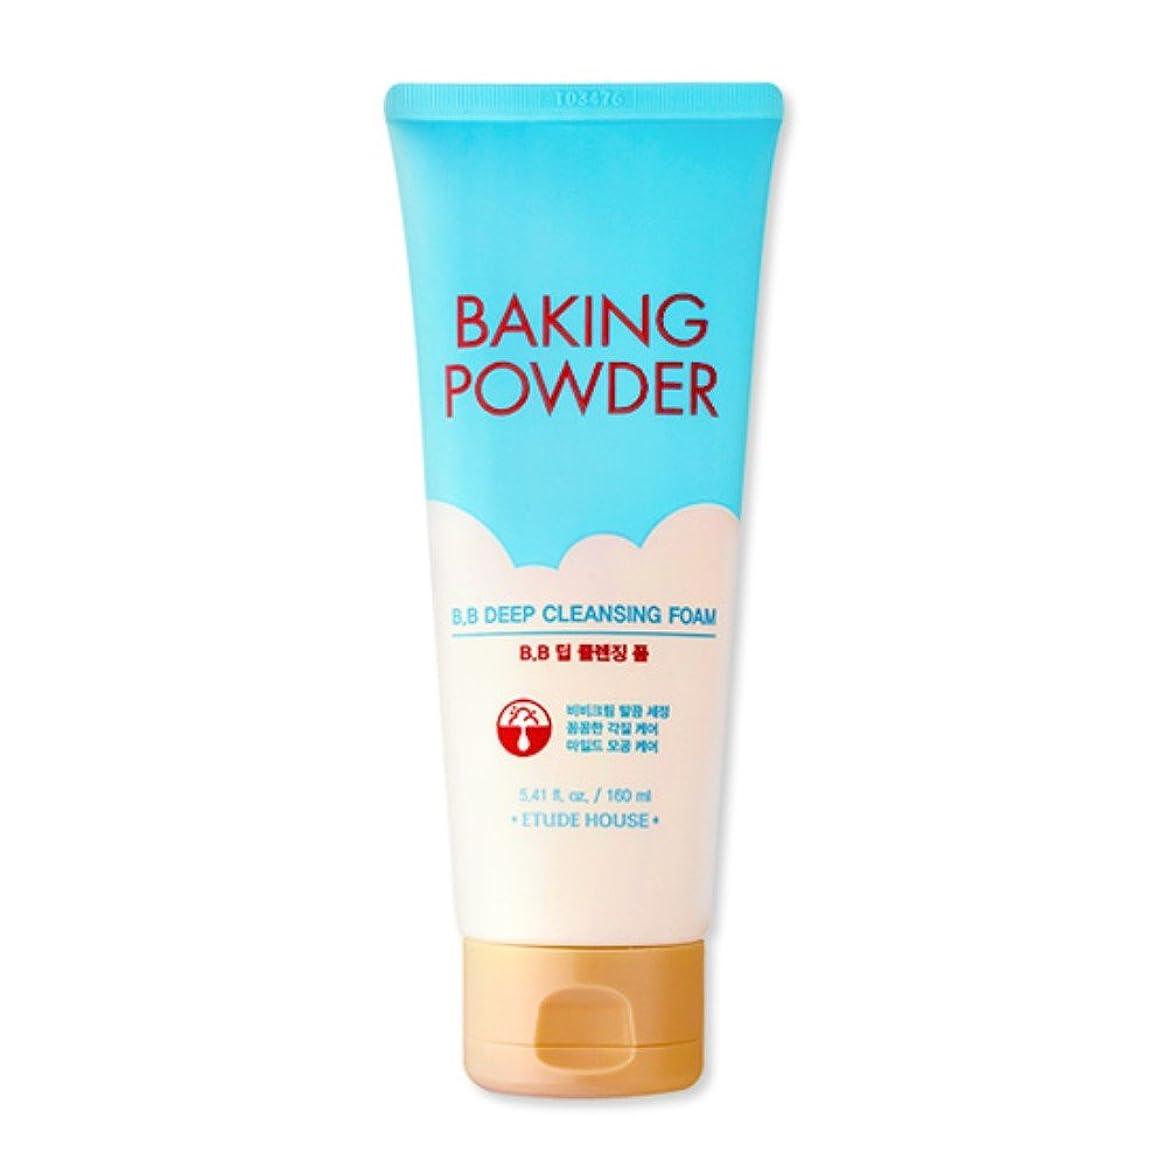 横話す以内に[2016 Upgrade!] ETUDE HOUSE Baking Powder B.B Deep Cleansing Foam 160ml/エチュードハウス ベーキング パウダー B.B ディープ クレンジング フォーム 160ml